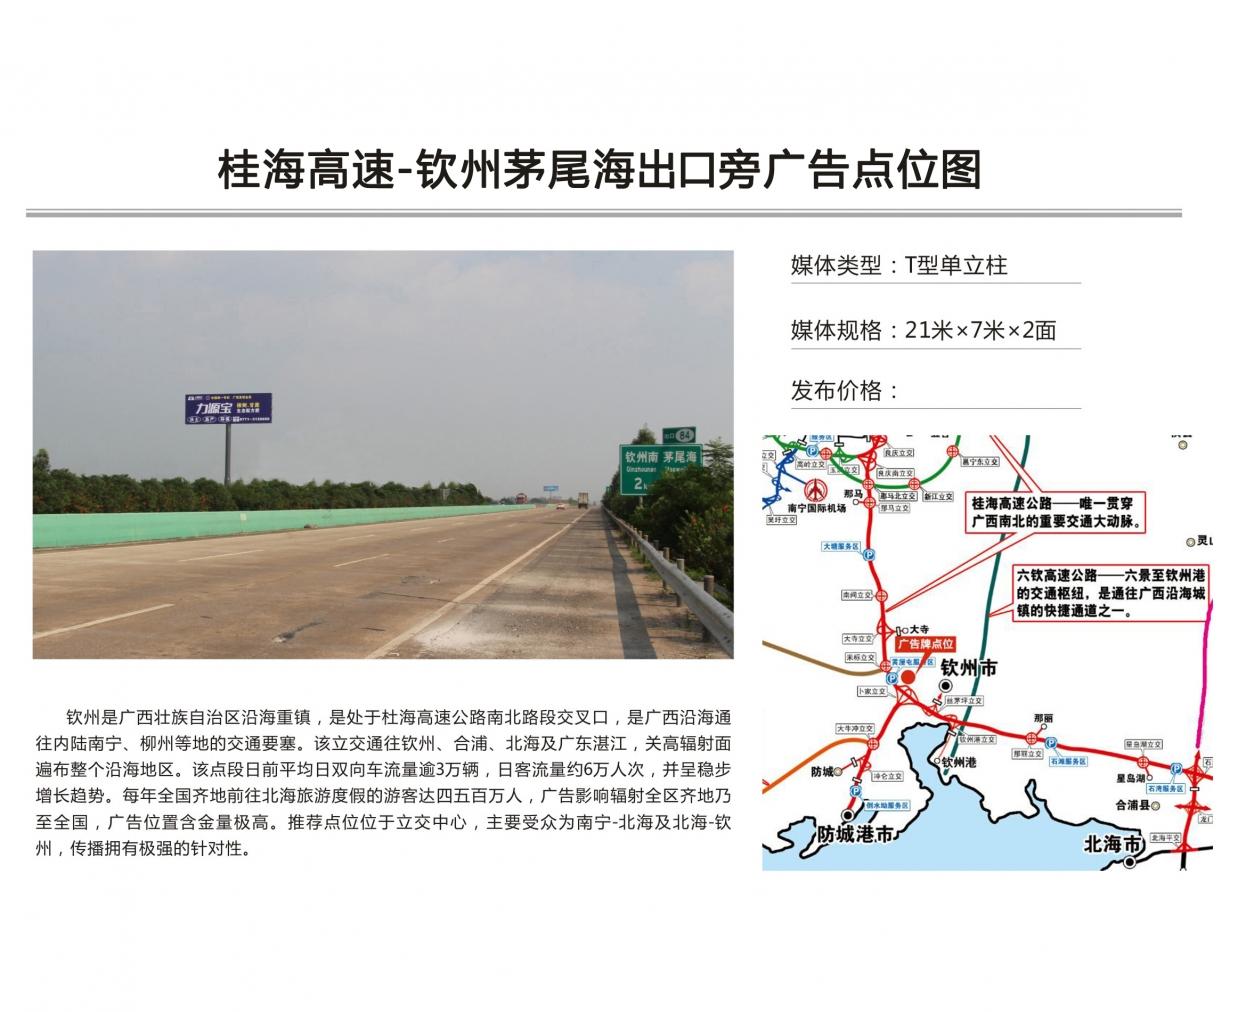 桂海高速-钦州茅尾海出口旁广告点位图